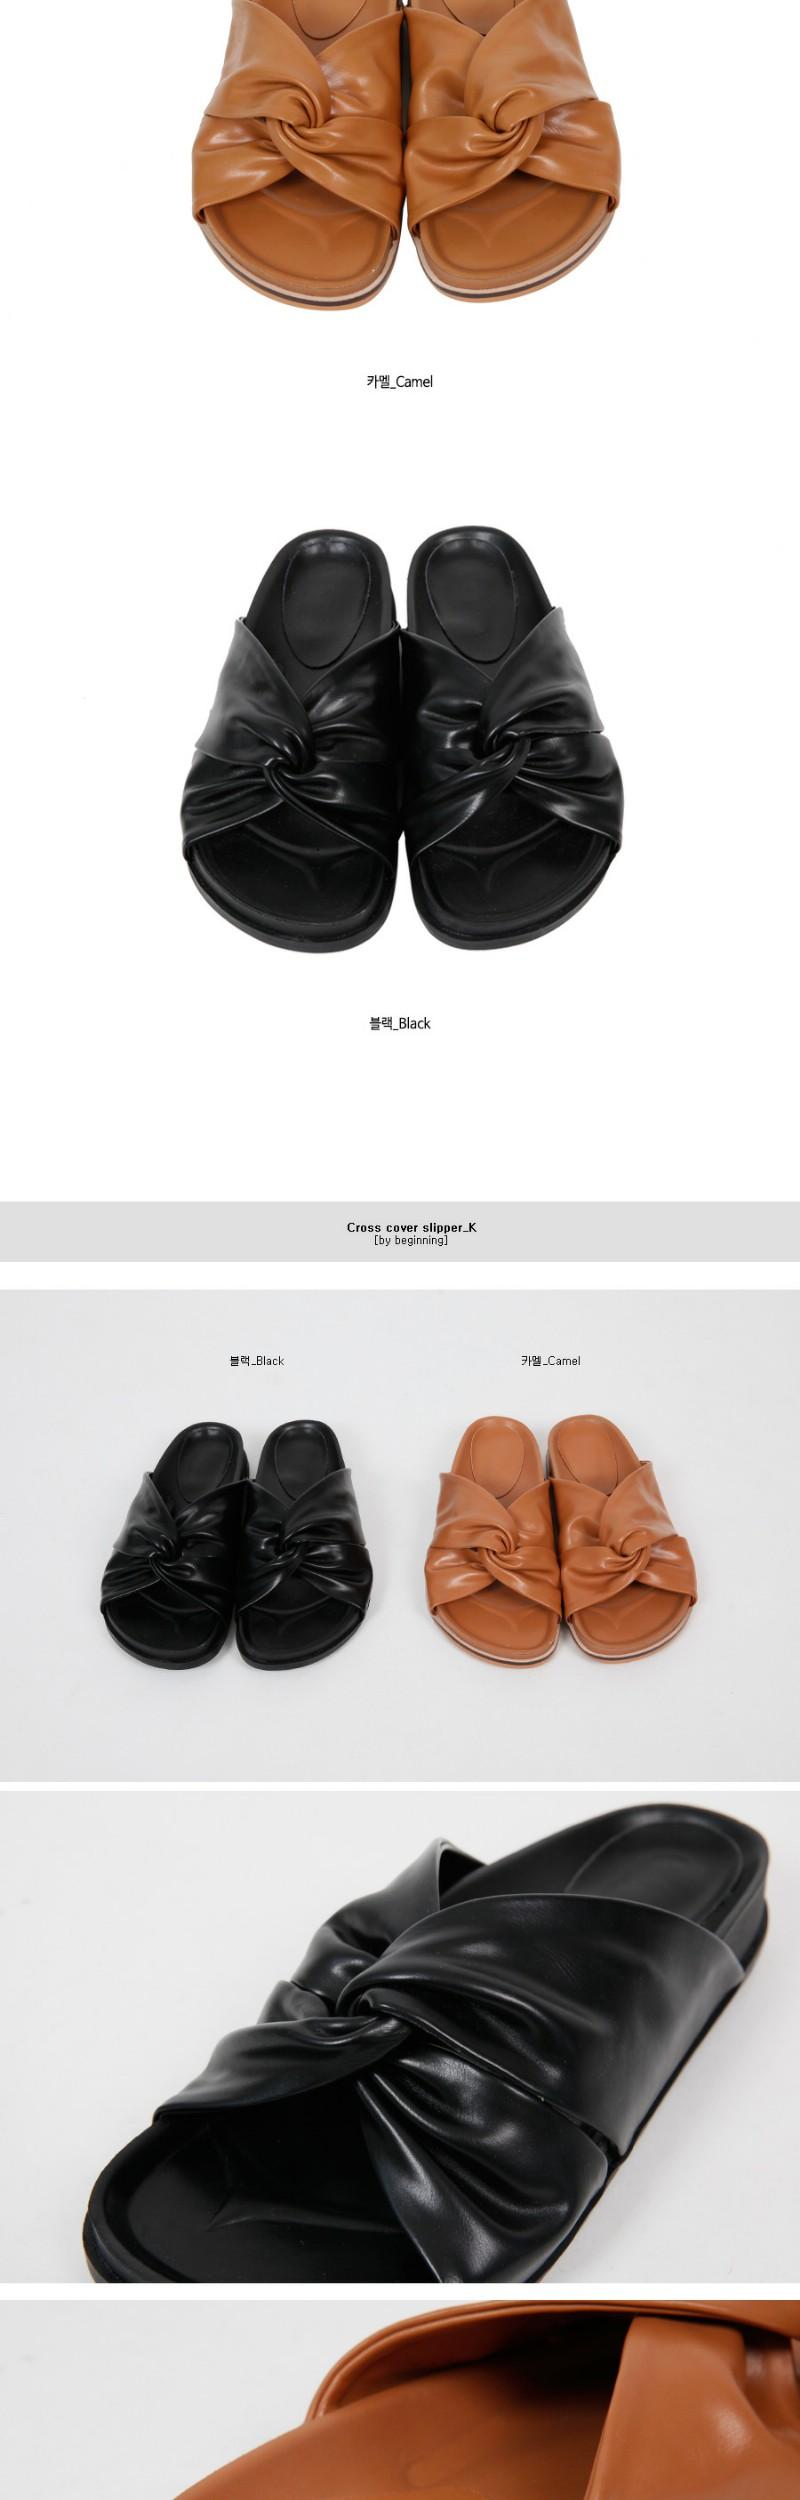 Cross cover slipper_K (size : 230,235,240,245,250)